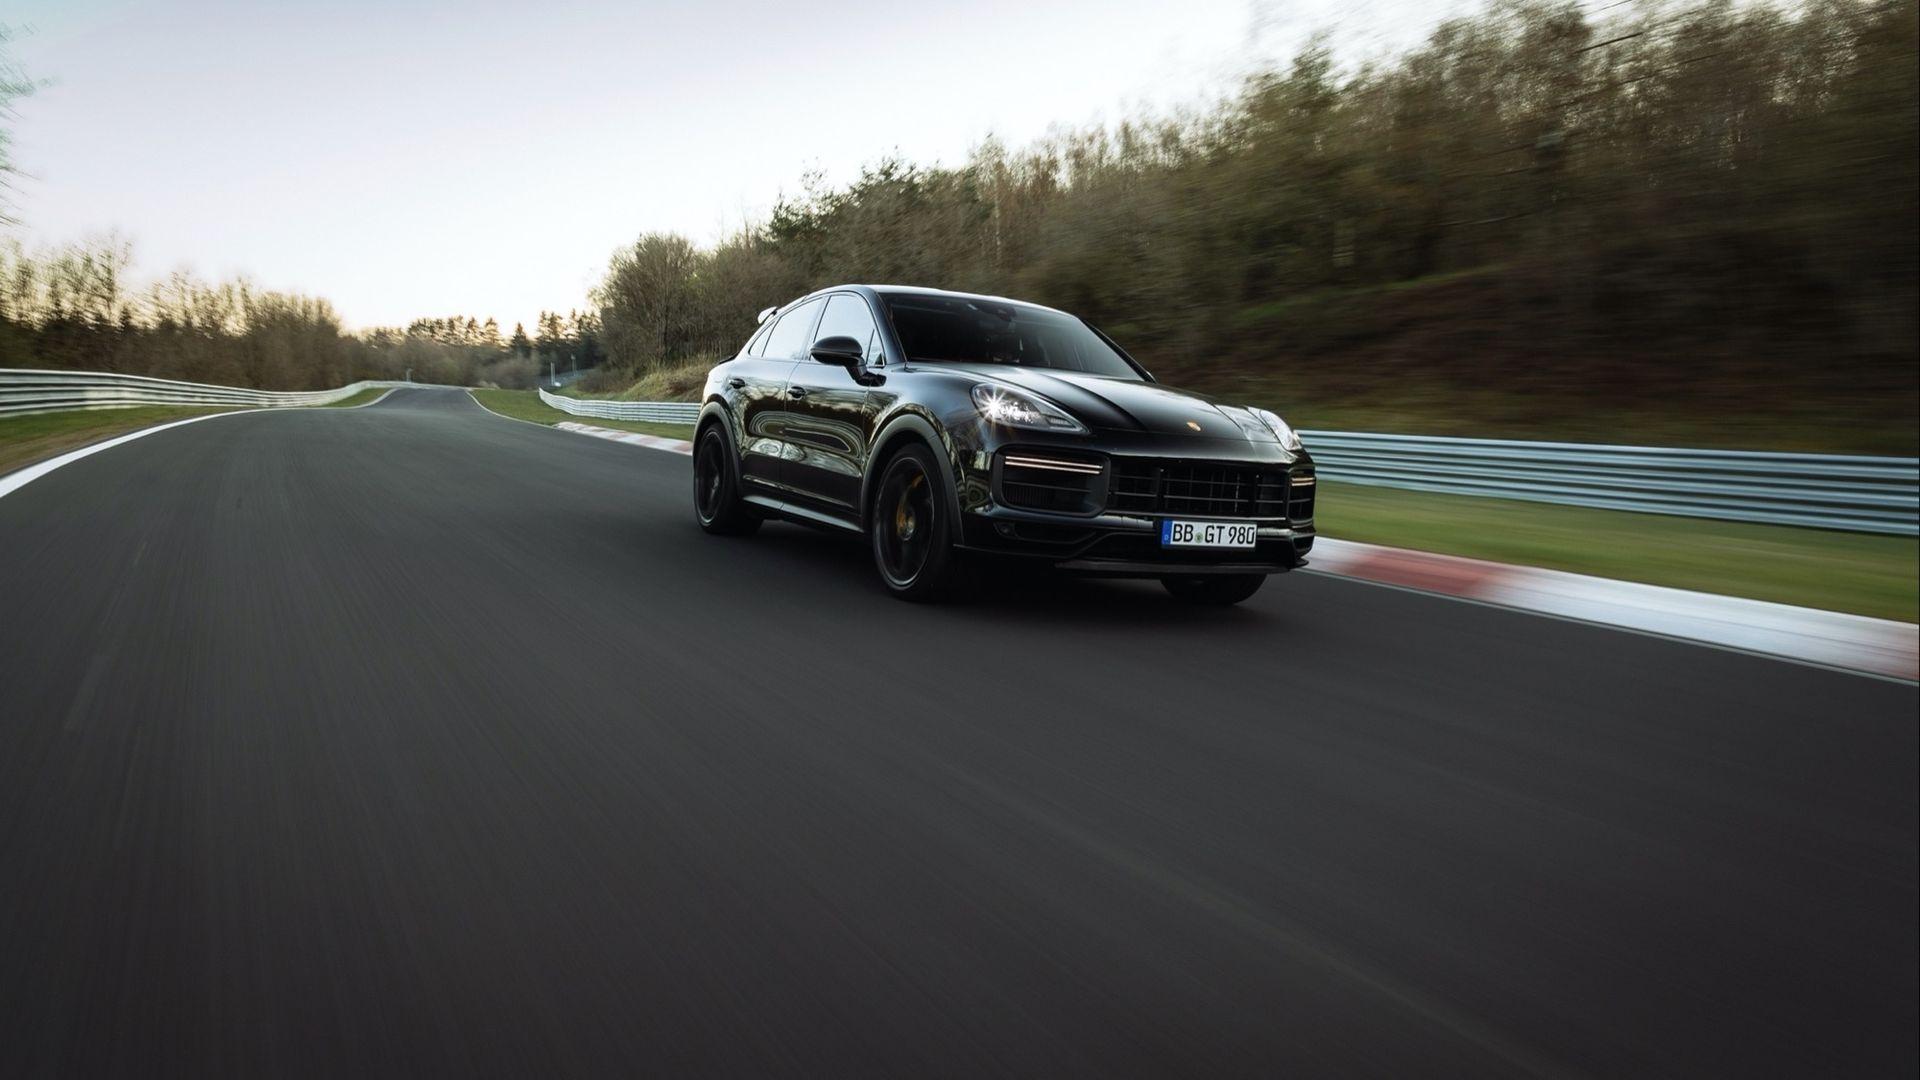 Porsche Cayenne sätter rekord på nordslingan